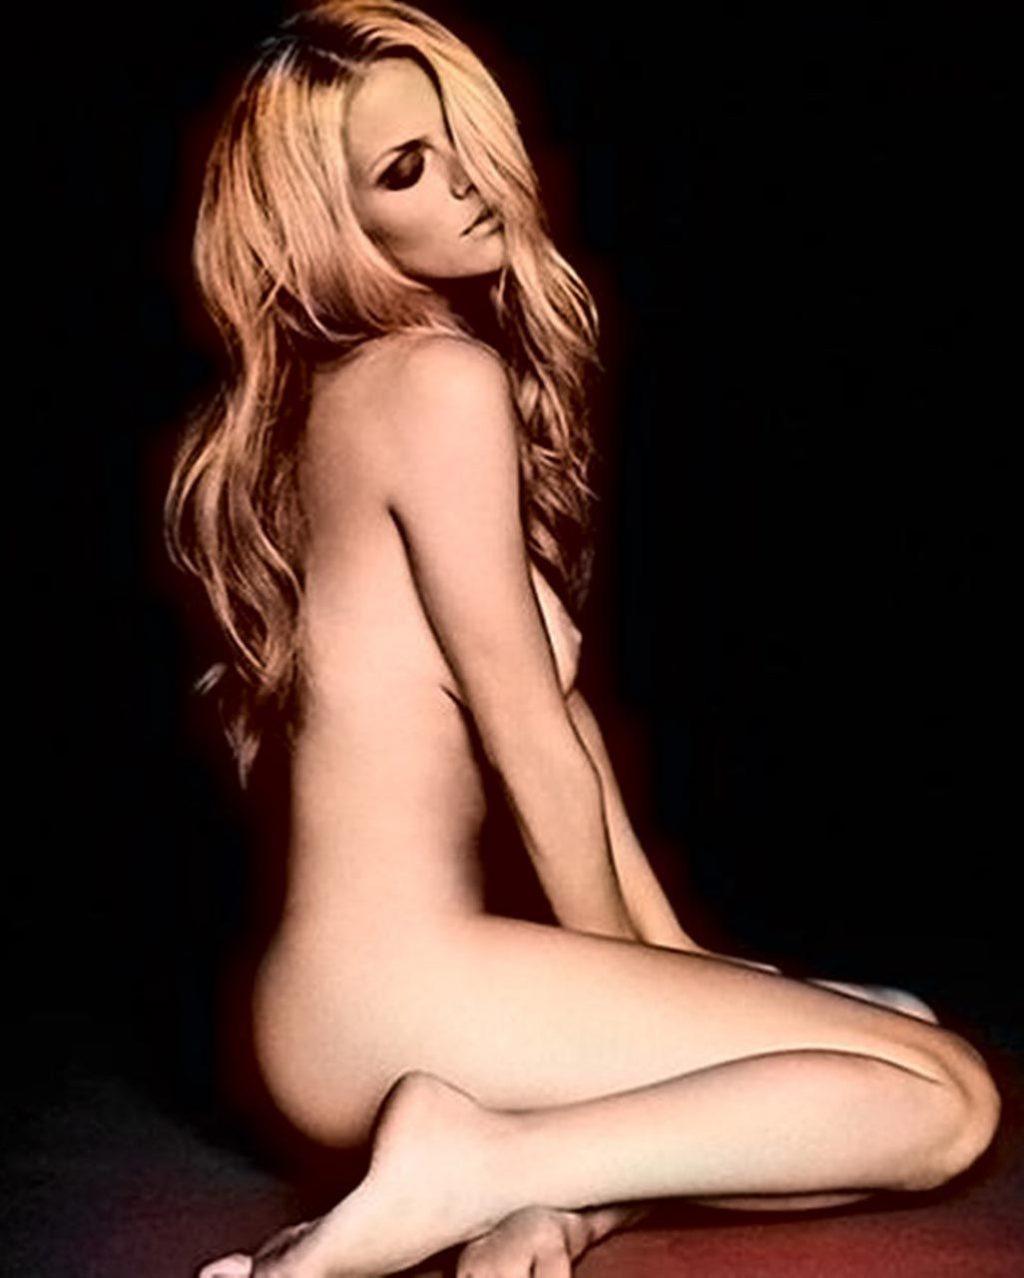 Brooklyn Decker Nude & Sexy (80 Photos + Videos)